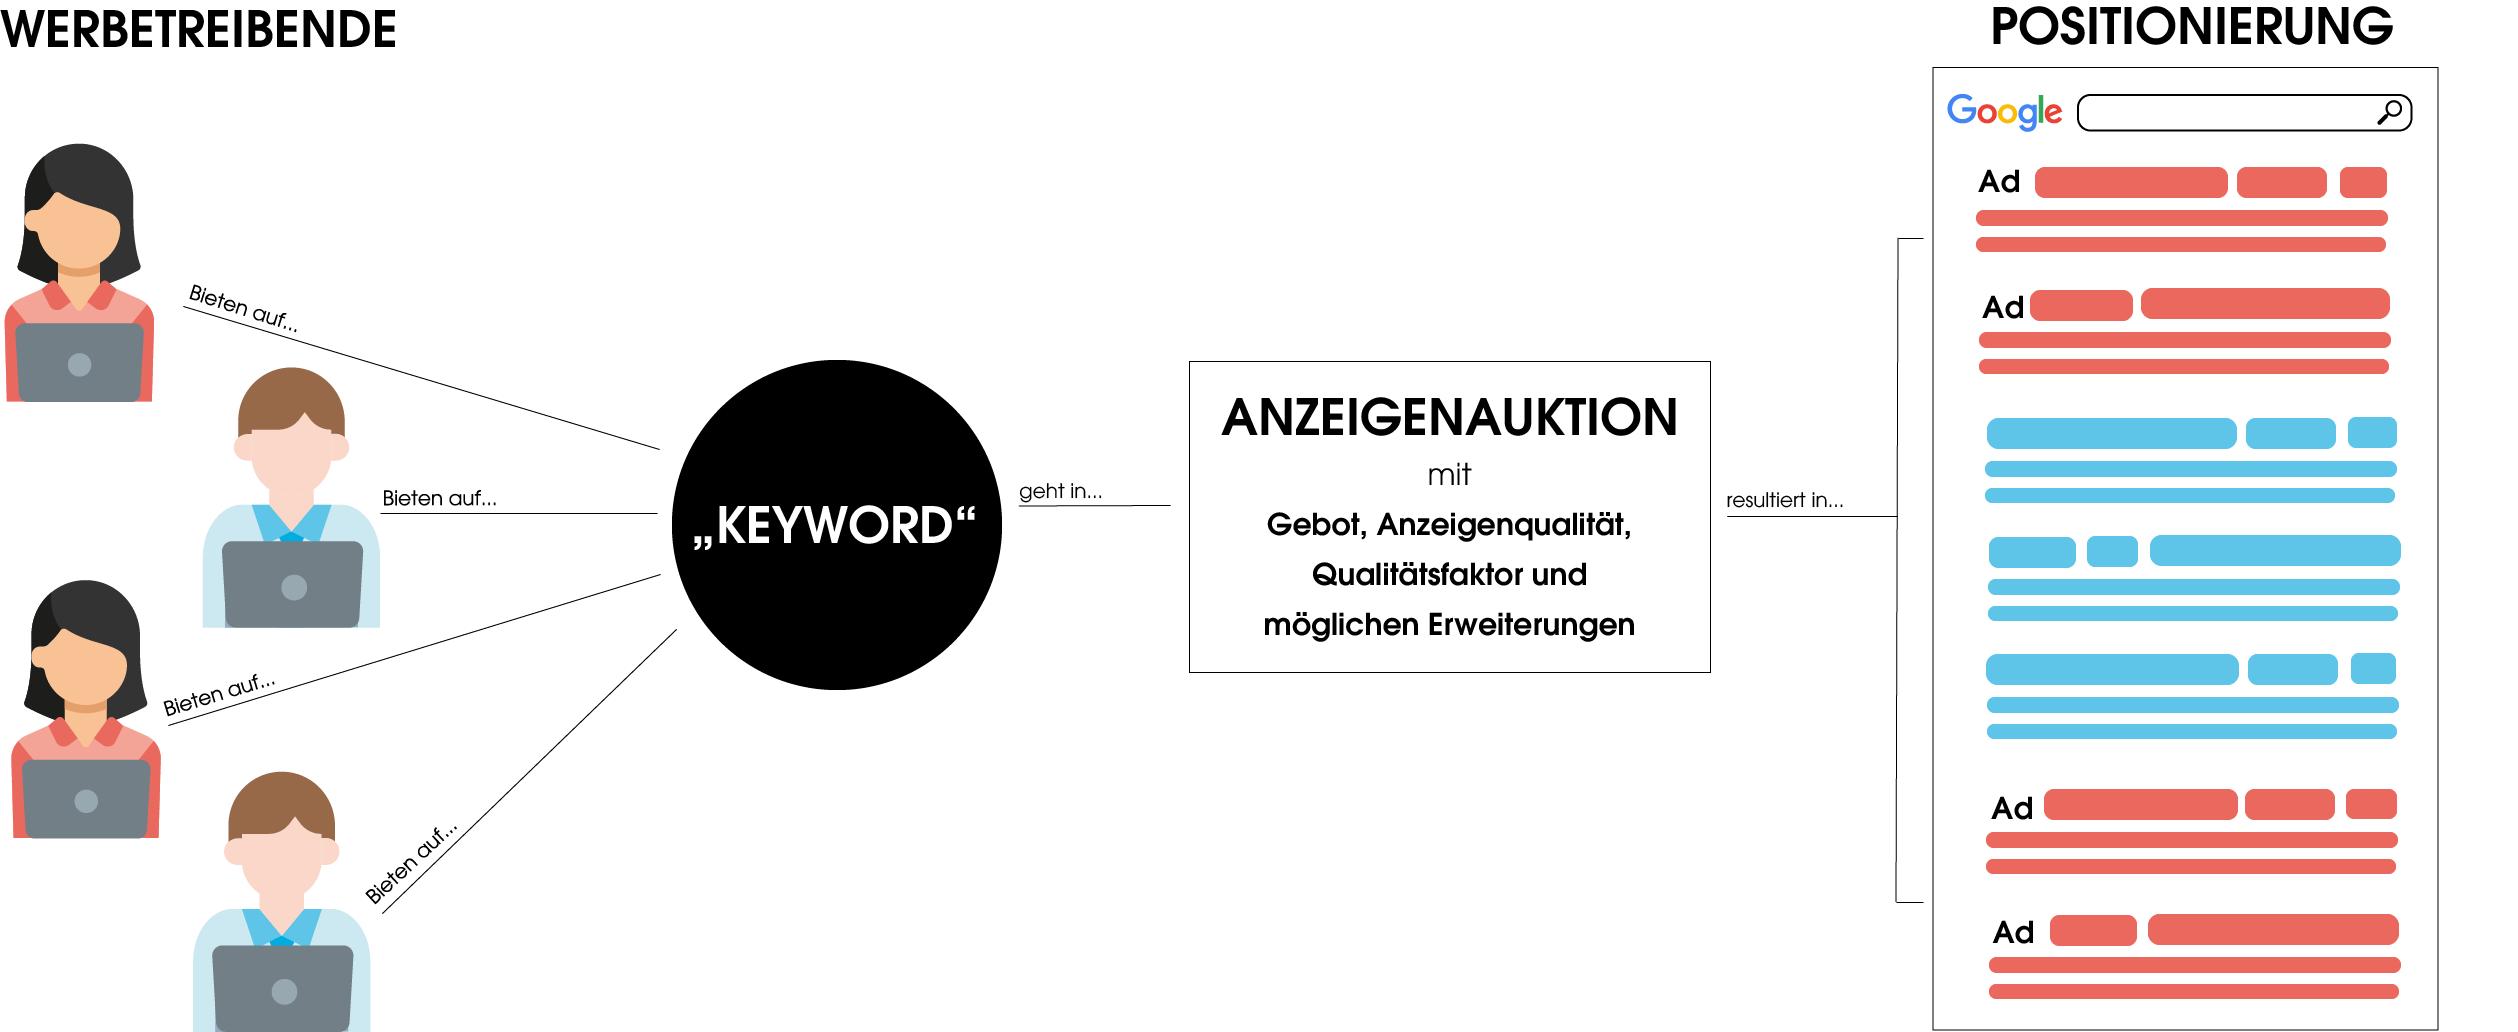 Das Bild zeigt den Ablauf des Auktionsprozesses einer Werbeanzeige. Dabei bieten im ersten Schritt Werbetreibende auf ein Keyword bzw. buchen dieses in ihr Konto ein. Danach werden verschiedene Faktoren in der Anzeigenauktion betrachtet, welche wiederum in der Positionierung der Anzeige resultieren.